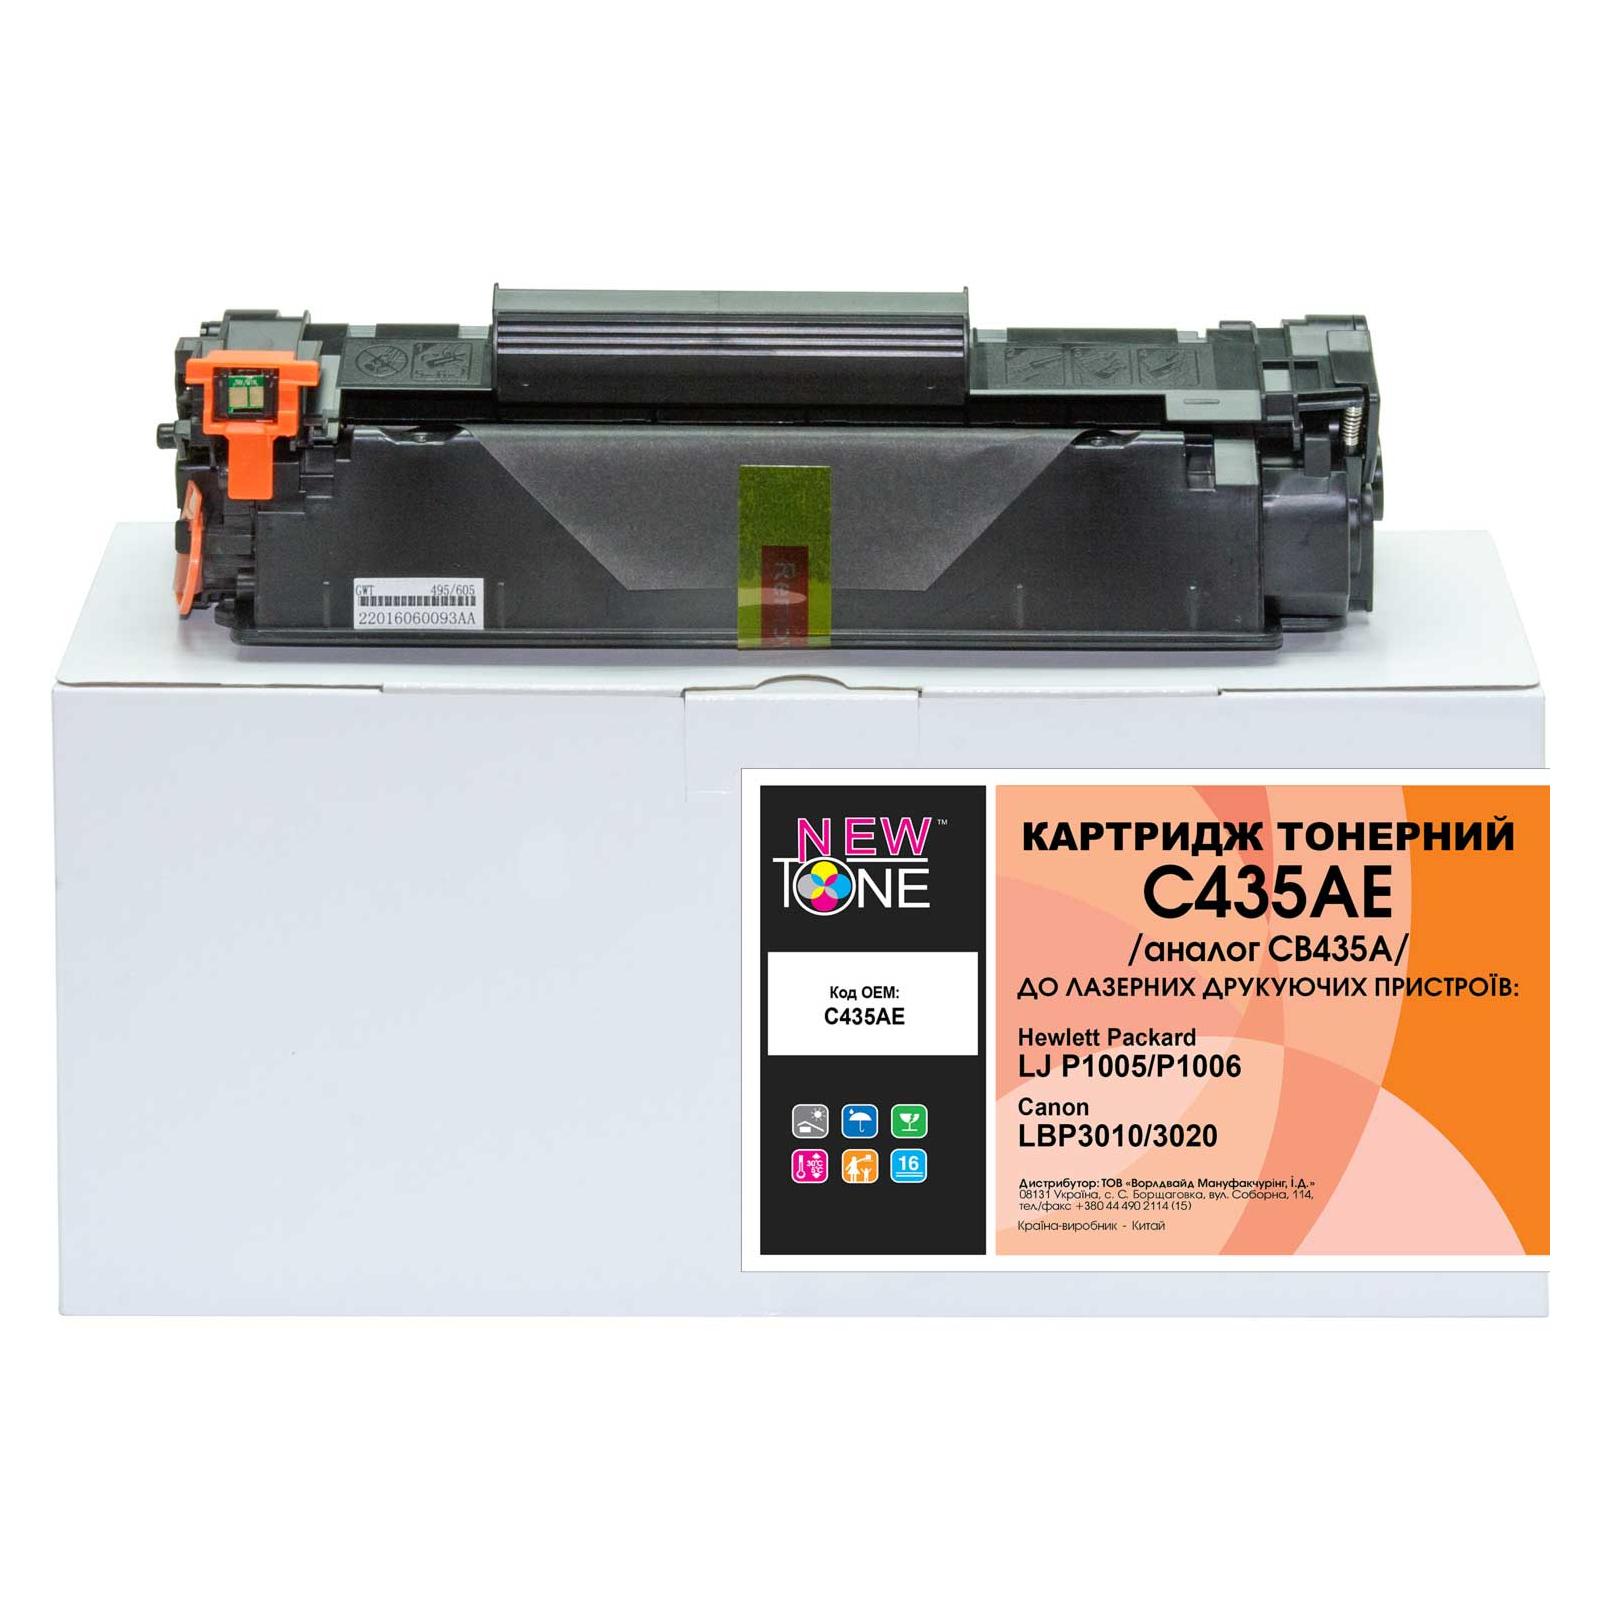 Картридж NewTone для HP LJ P1005/P1006 (C435AE)